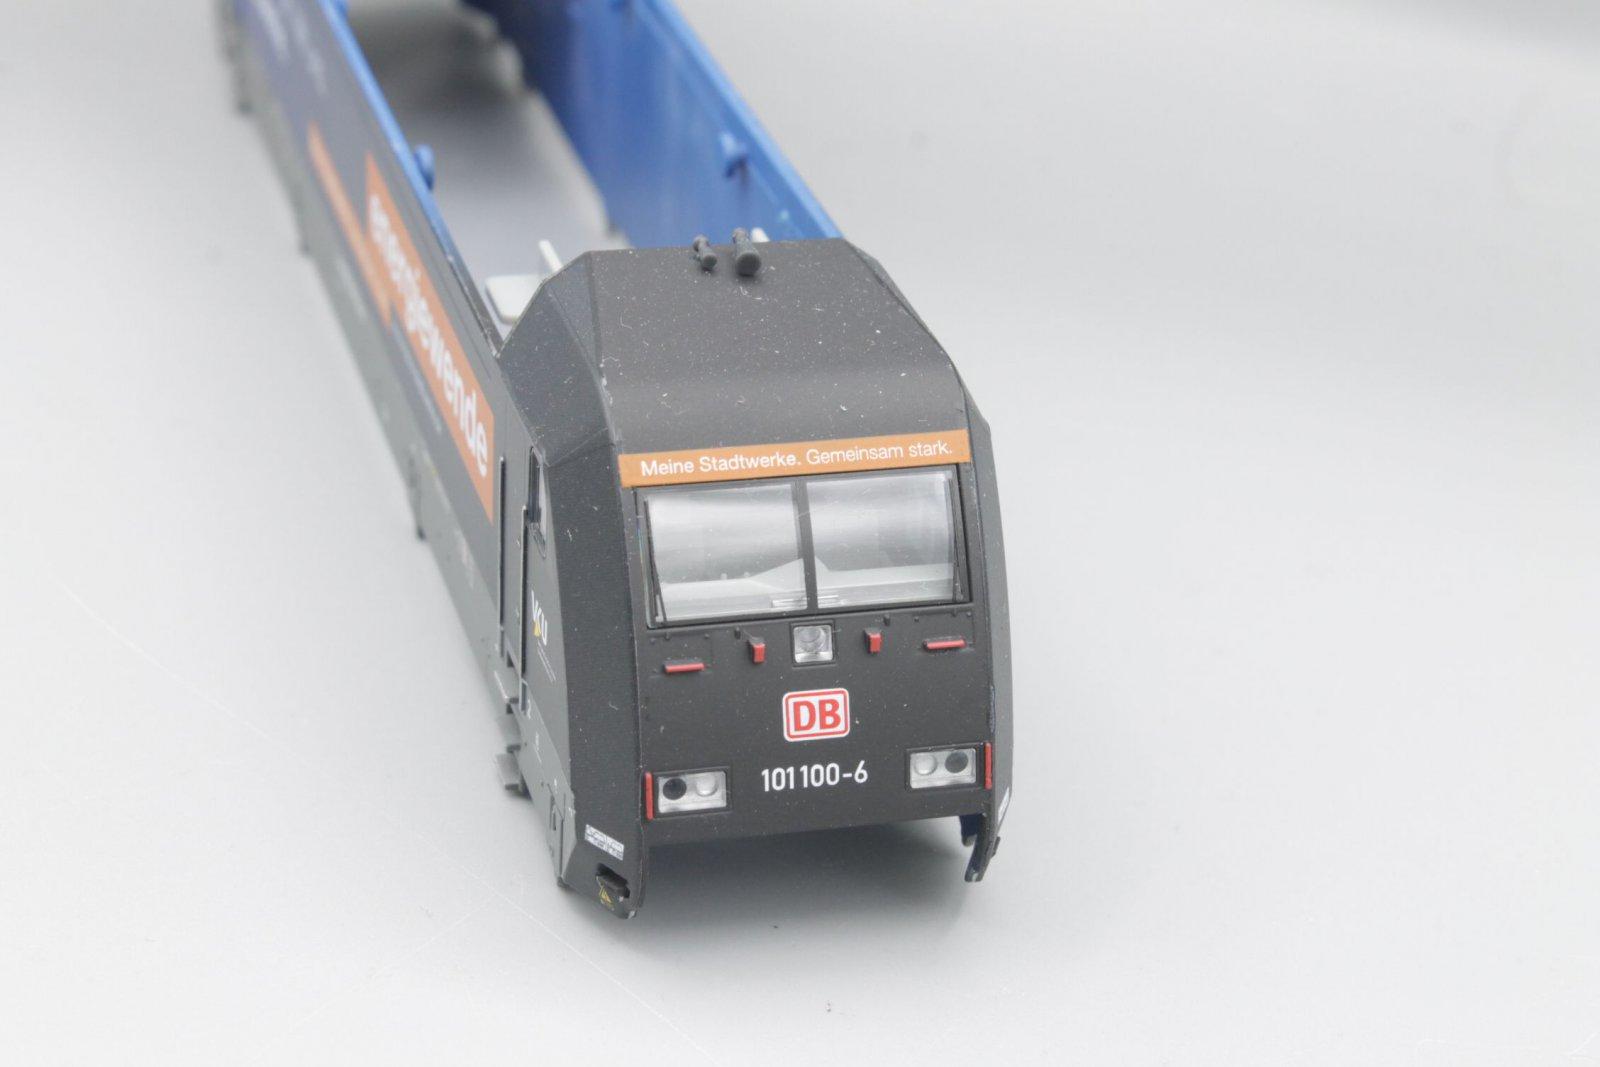 Ersatzteil Piko BR 101 100-6 Gehäuse Energiewende blau - mit Farbfehler!